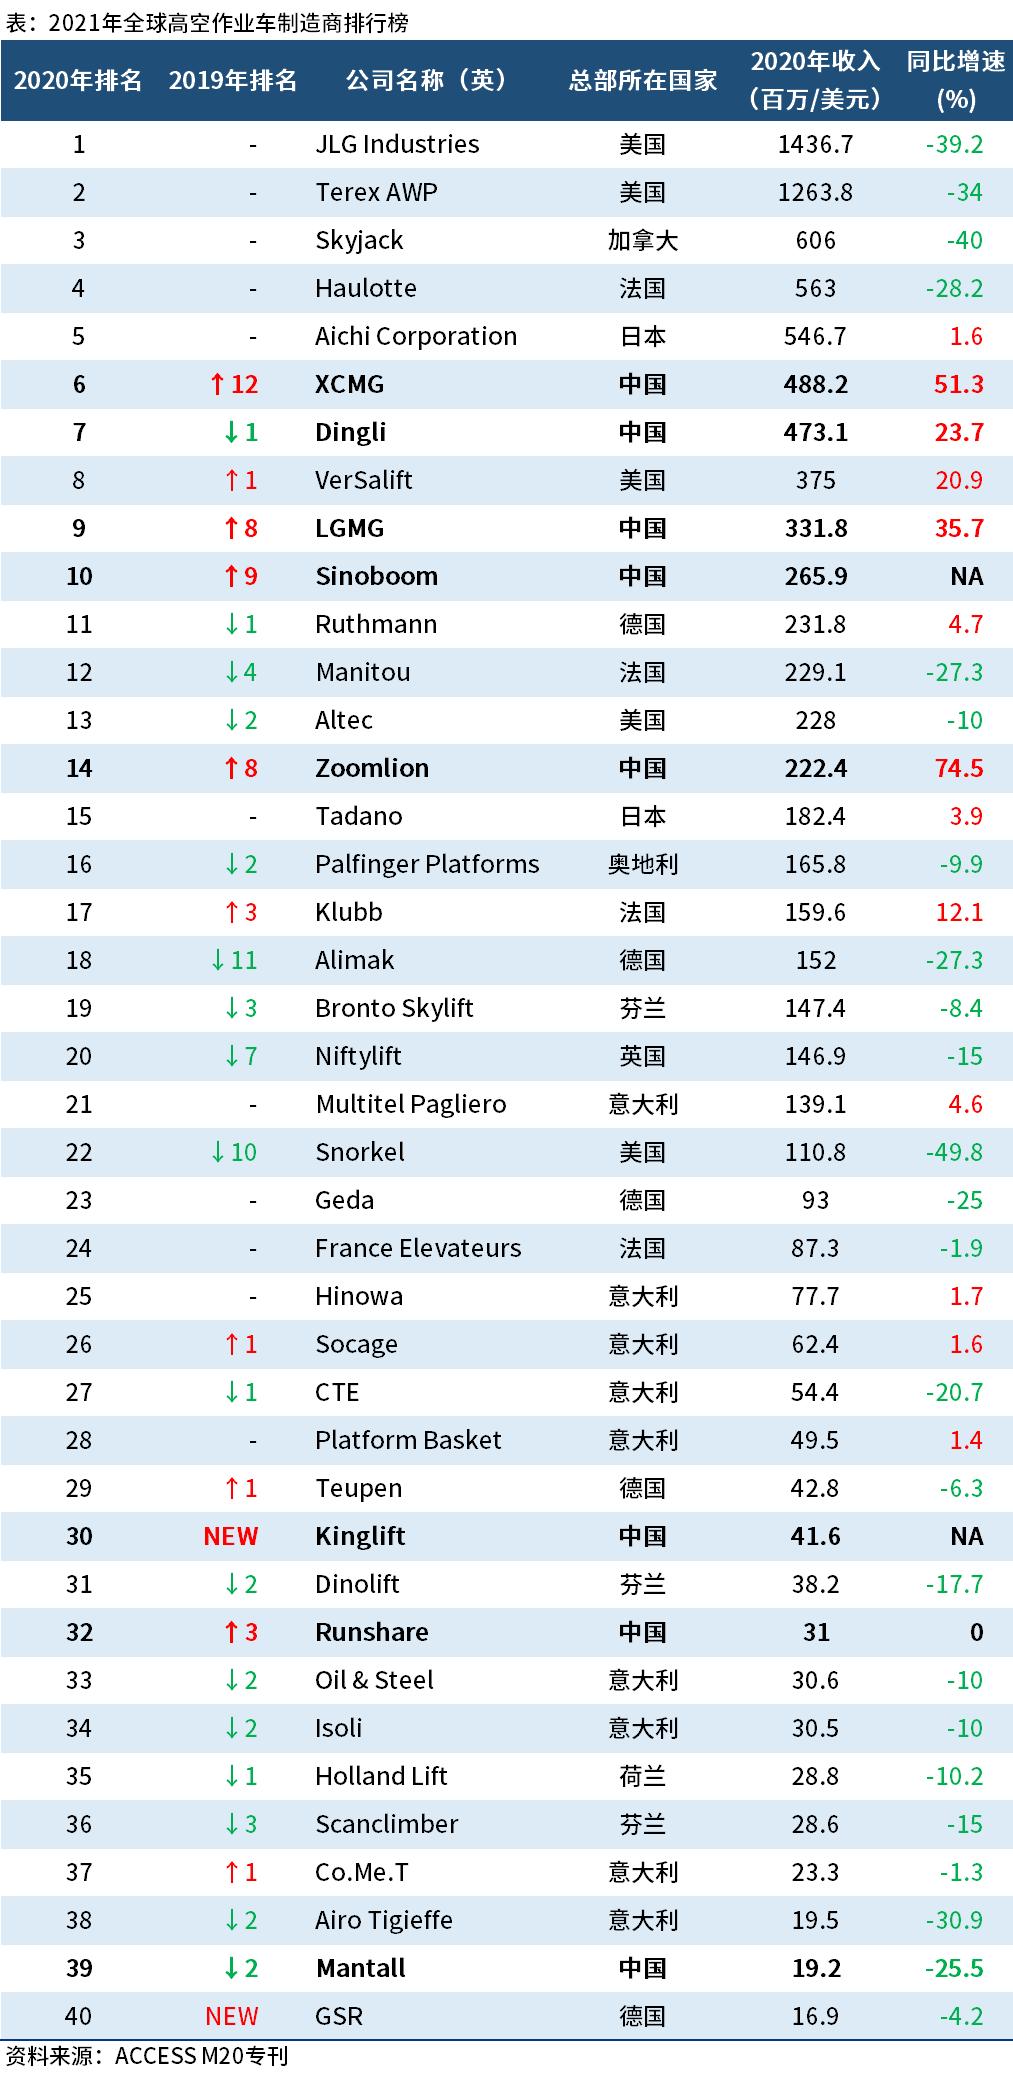 2021全球高空作业车制造商排行榜:8家中国企业入榜,4家前十